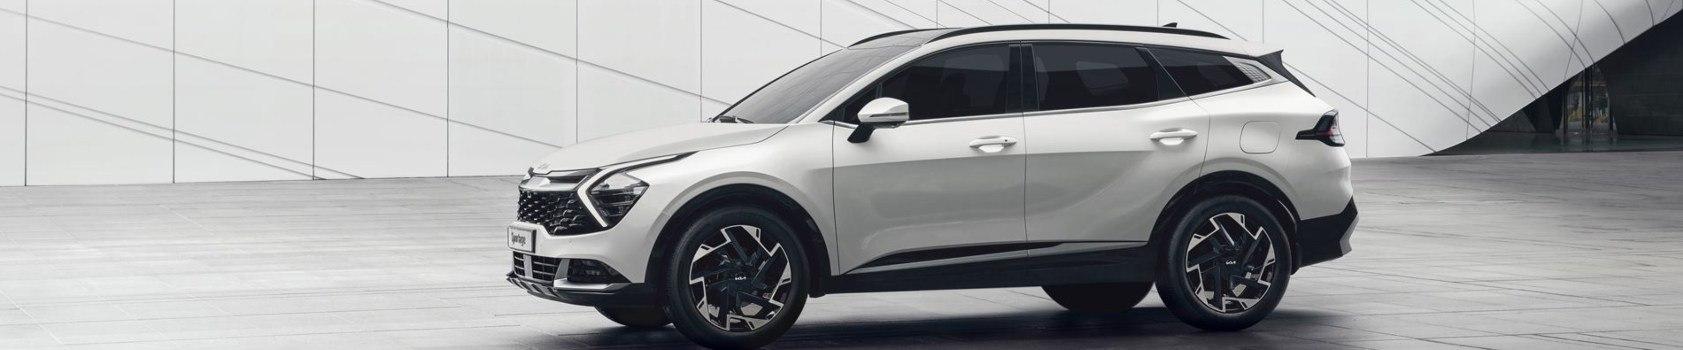 New Kia Sportage white